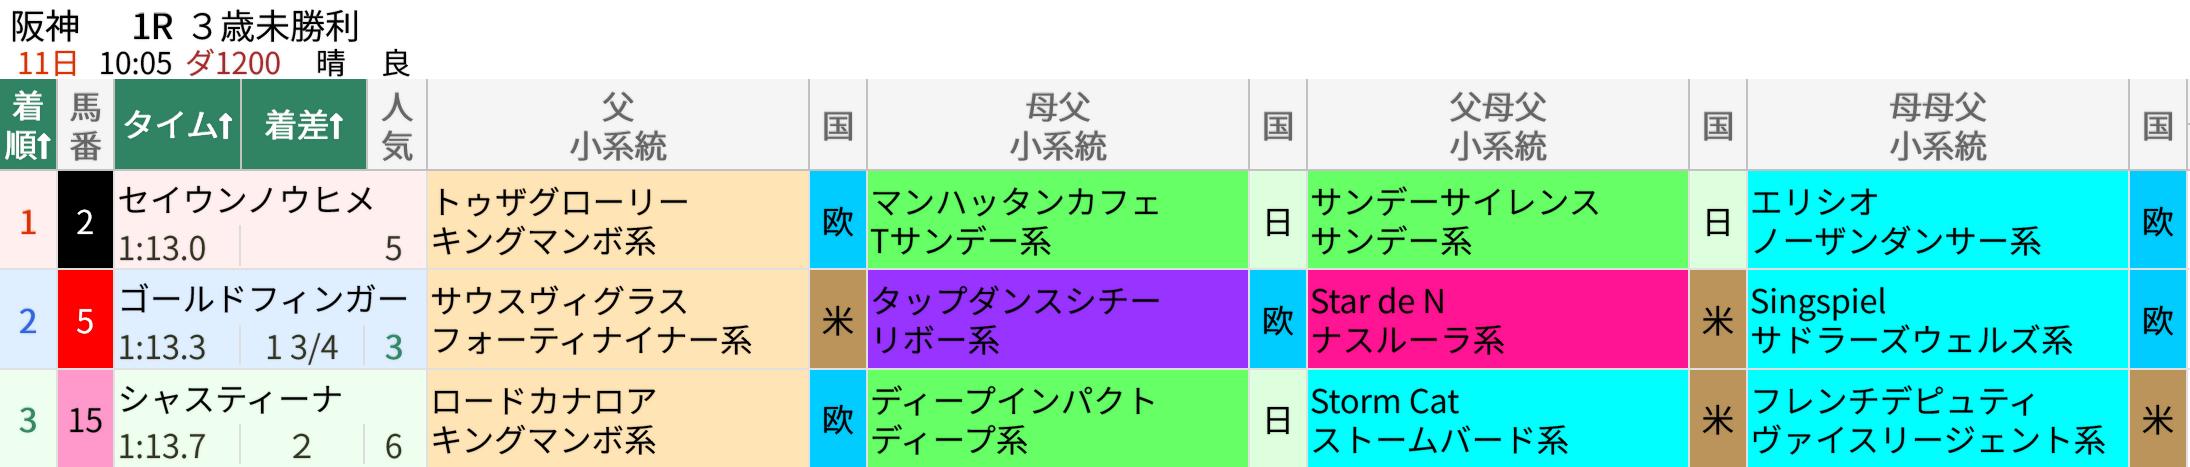 4/11(日)阪神1R・3歳未勝利(ダ1200m)